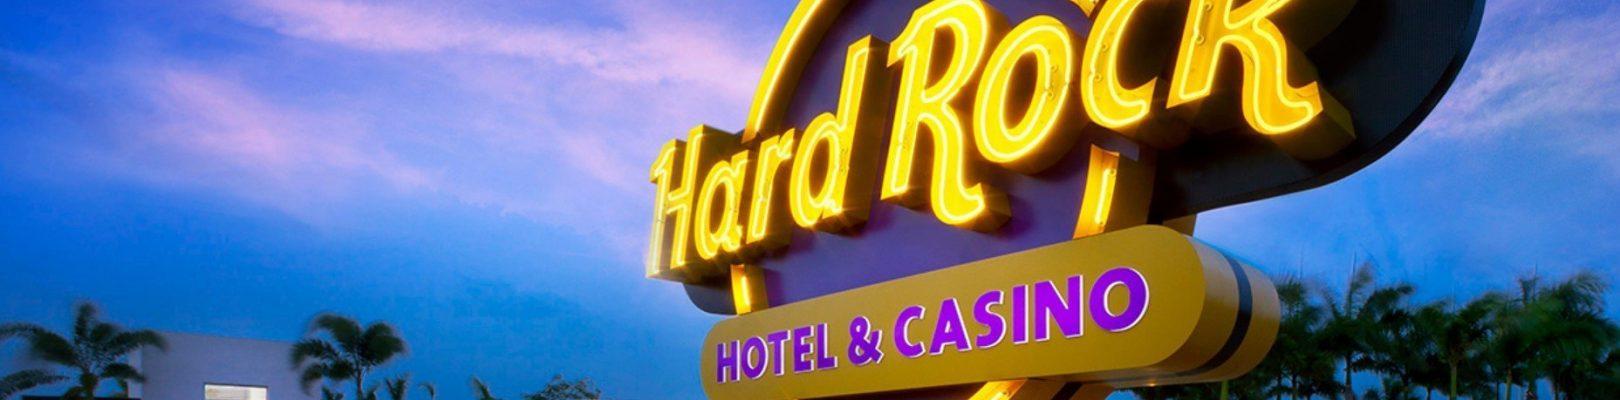 Hard Rock planlegger stor utvidelse på Australias gullkyst